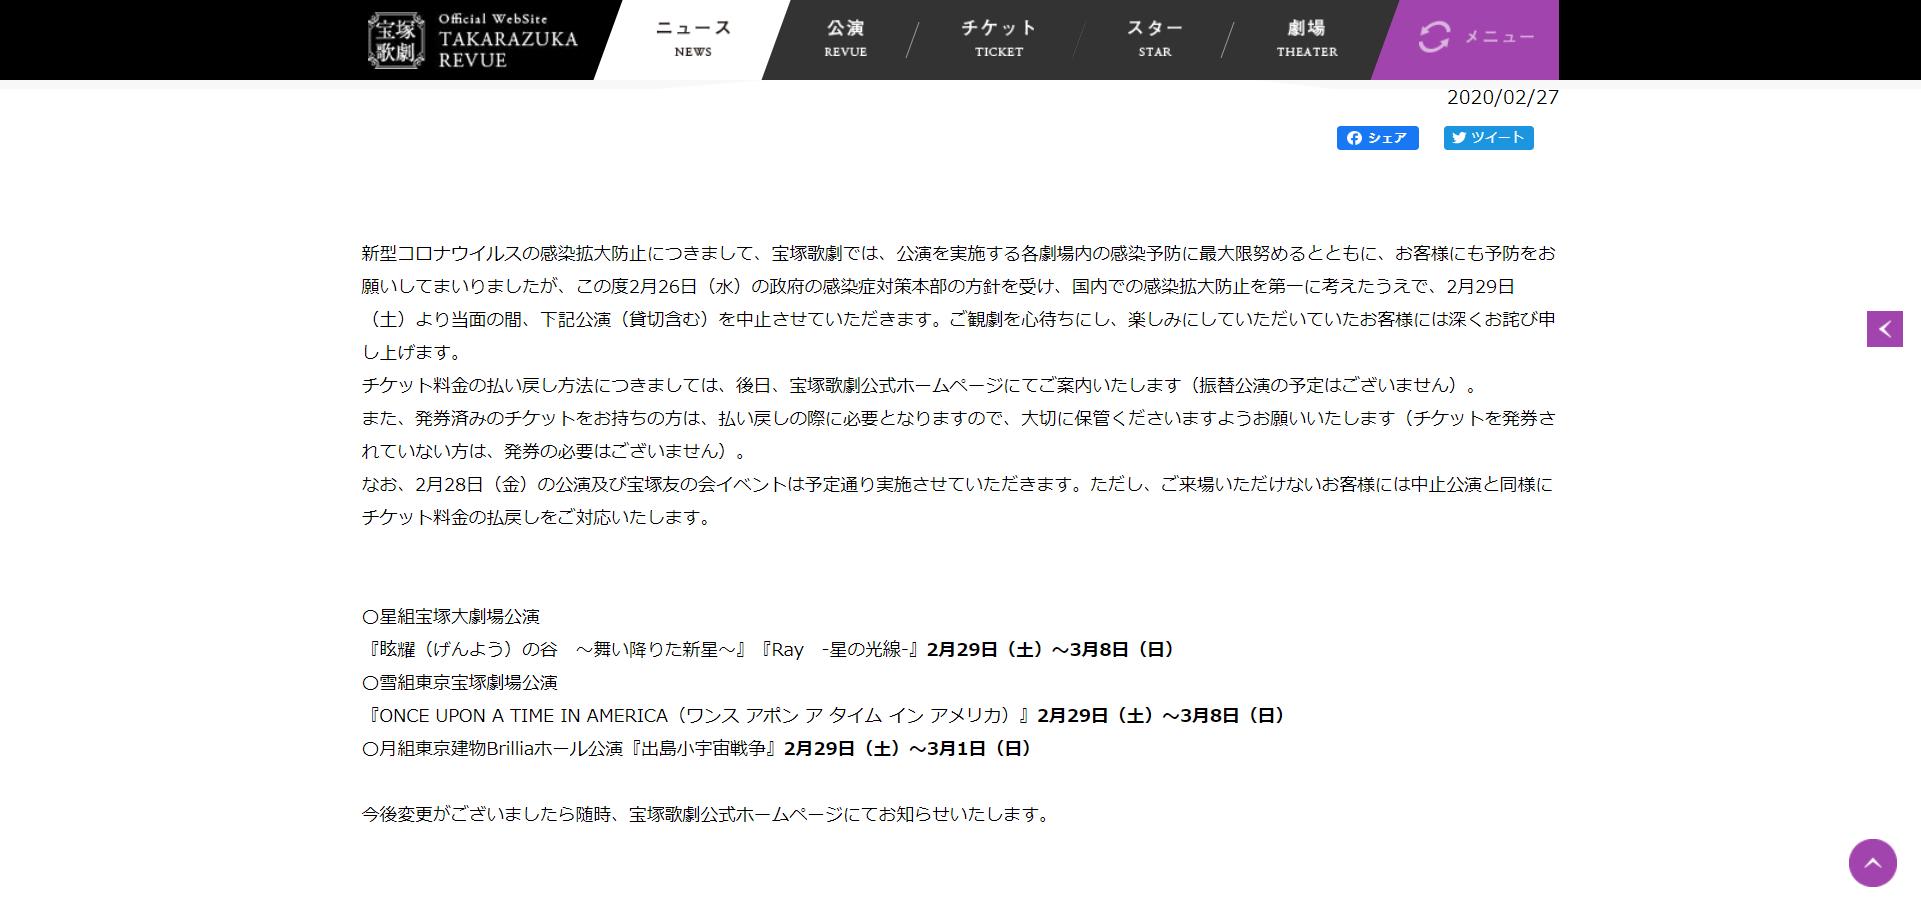 宝塚歌劇公演の中止について - ニュース - 宝塚歌劇公式ホームページ